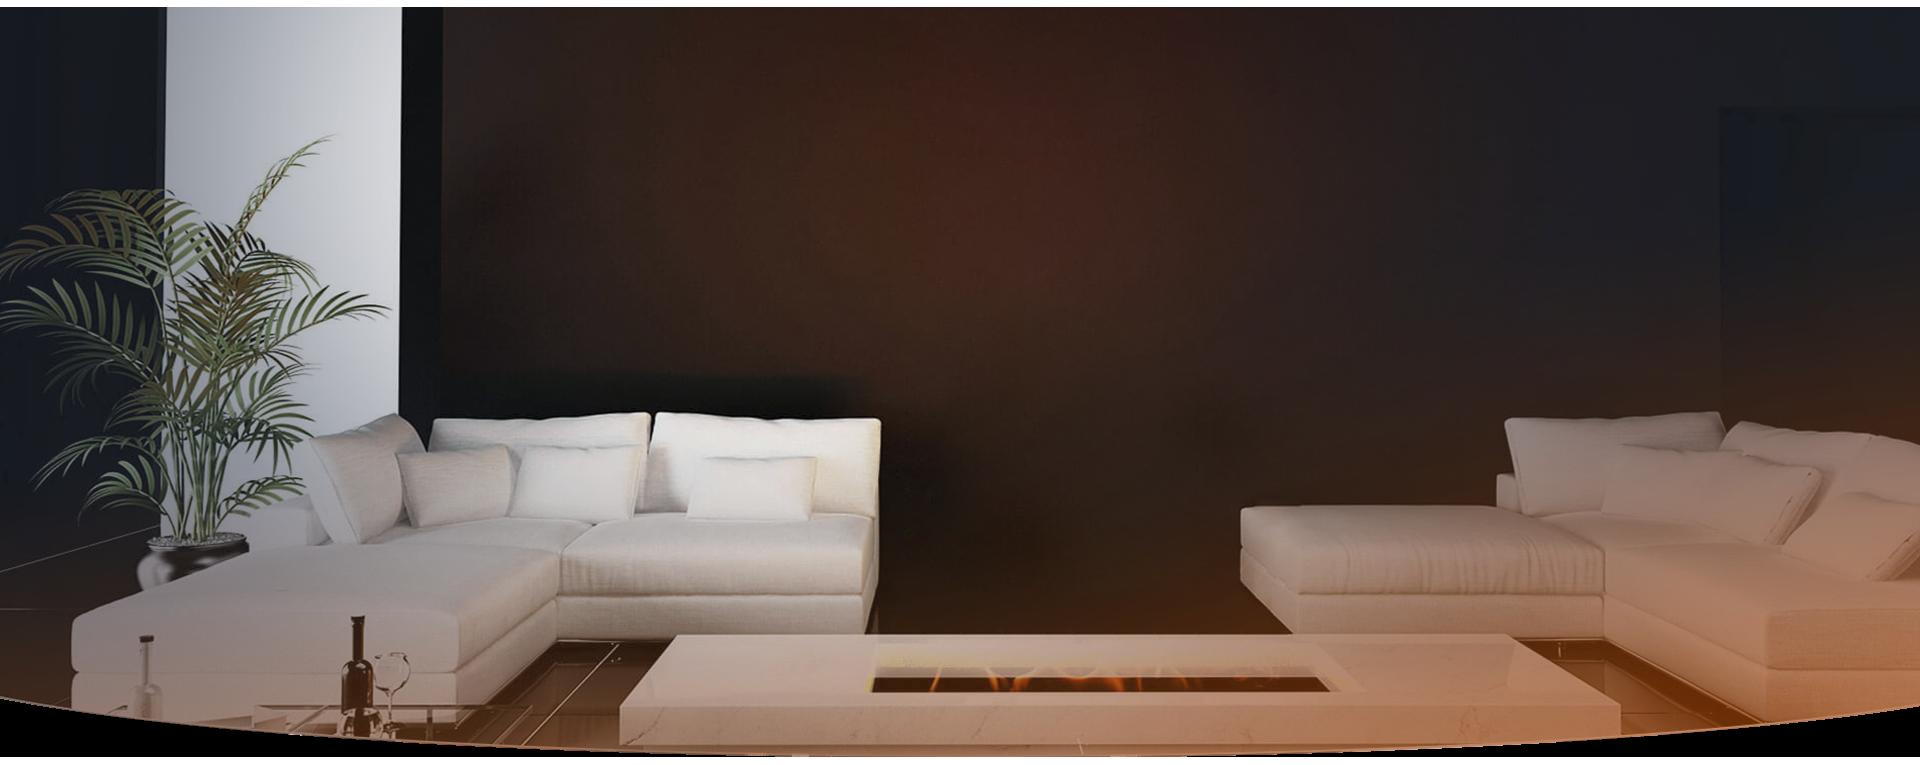 Надежный, компактный и экономный — Кондиционер Hisense Premium DESIGN SUPER DC Inverter EDITION 2018